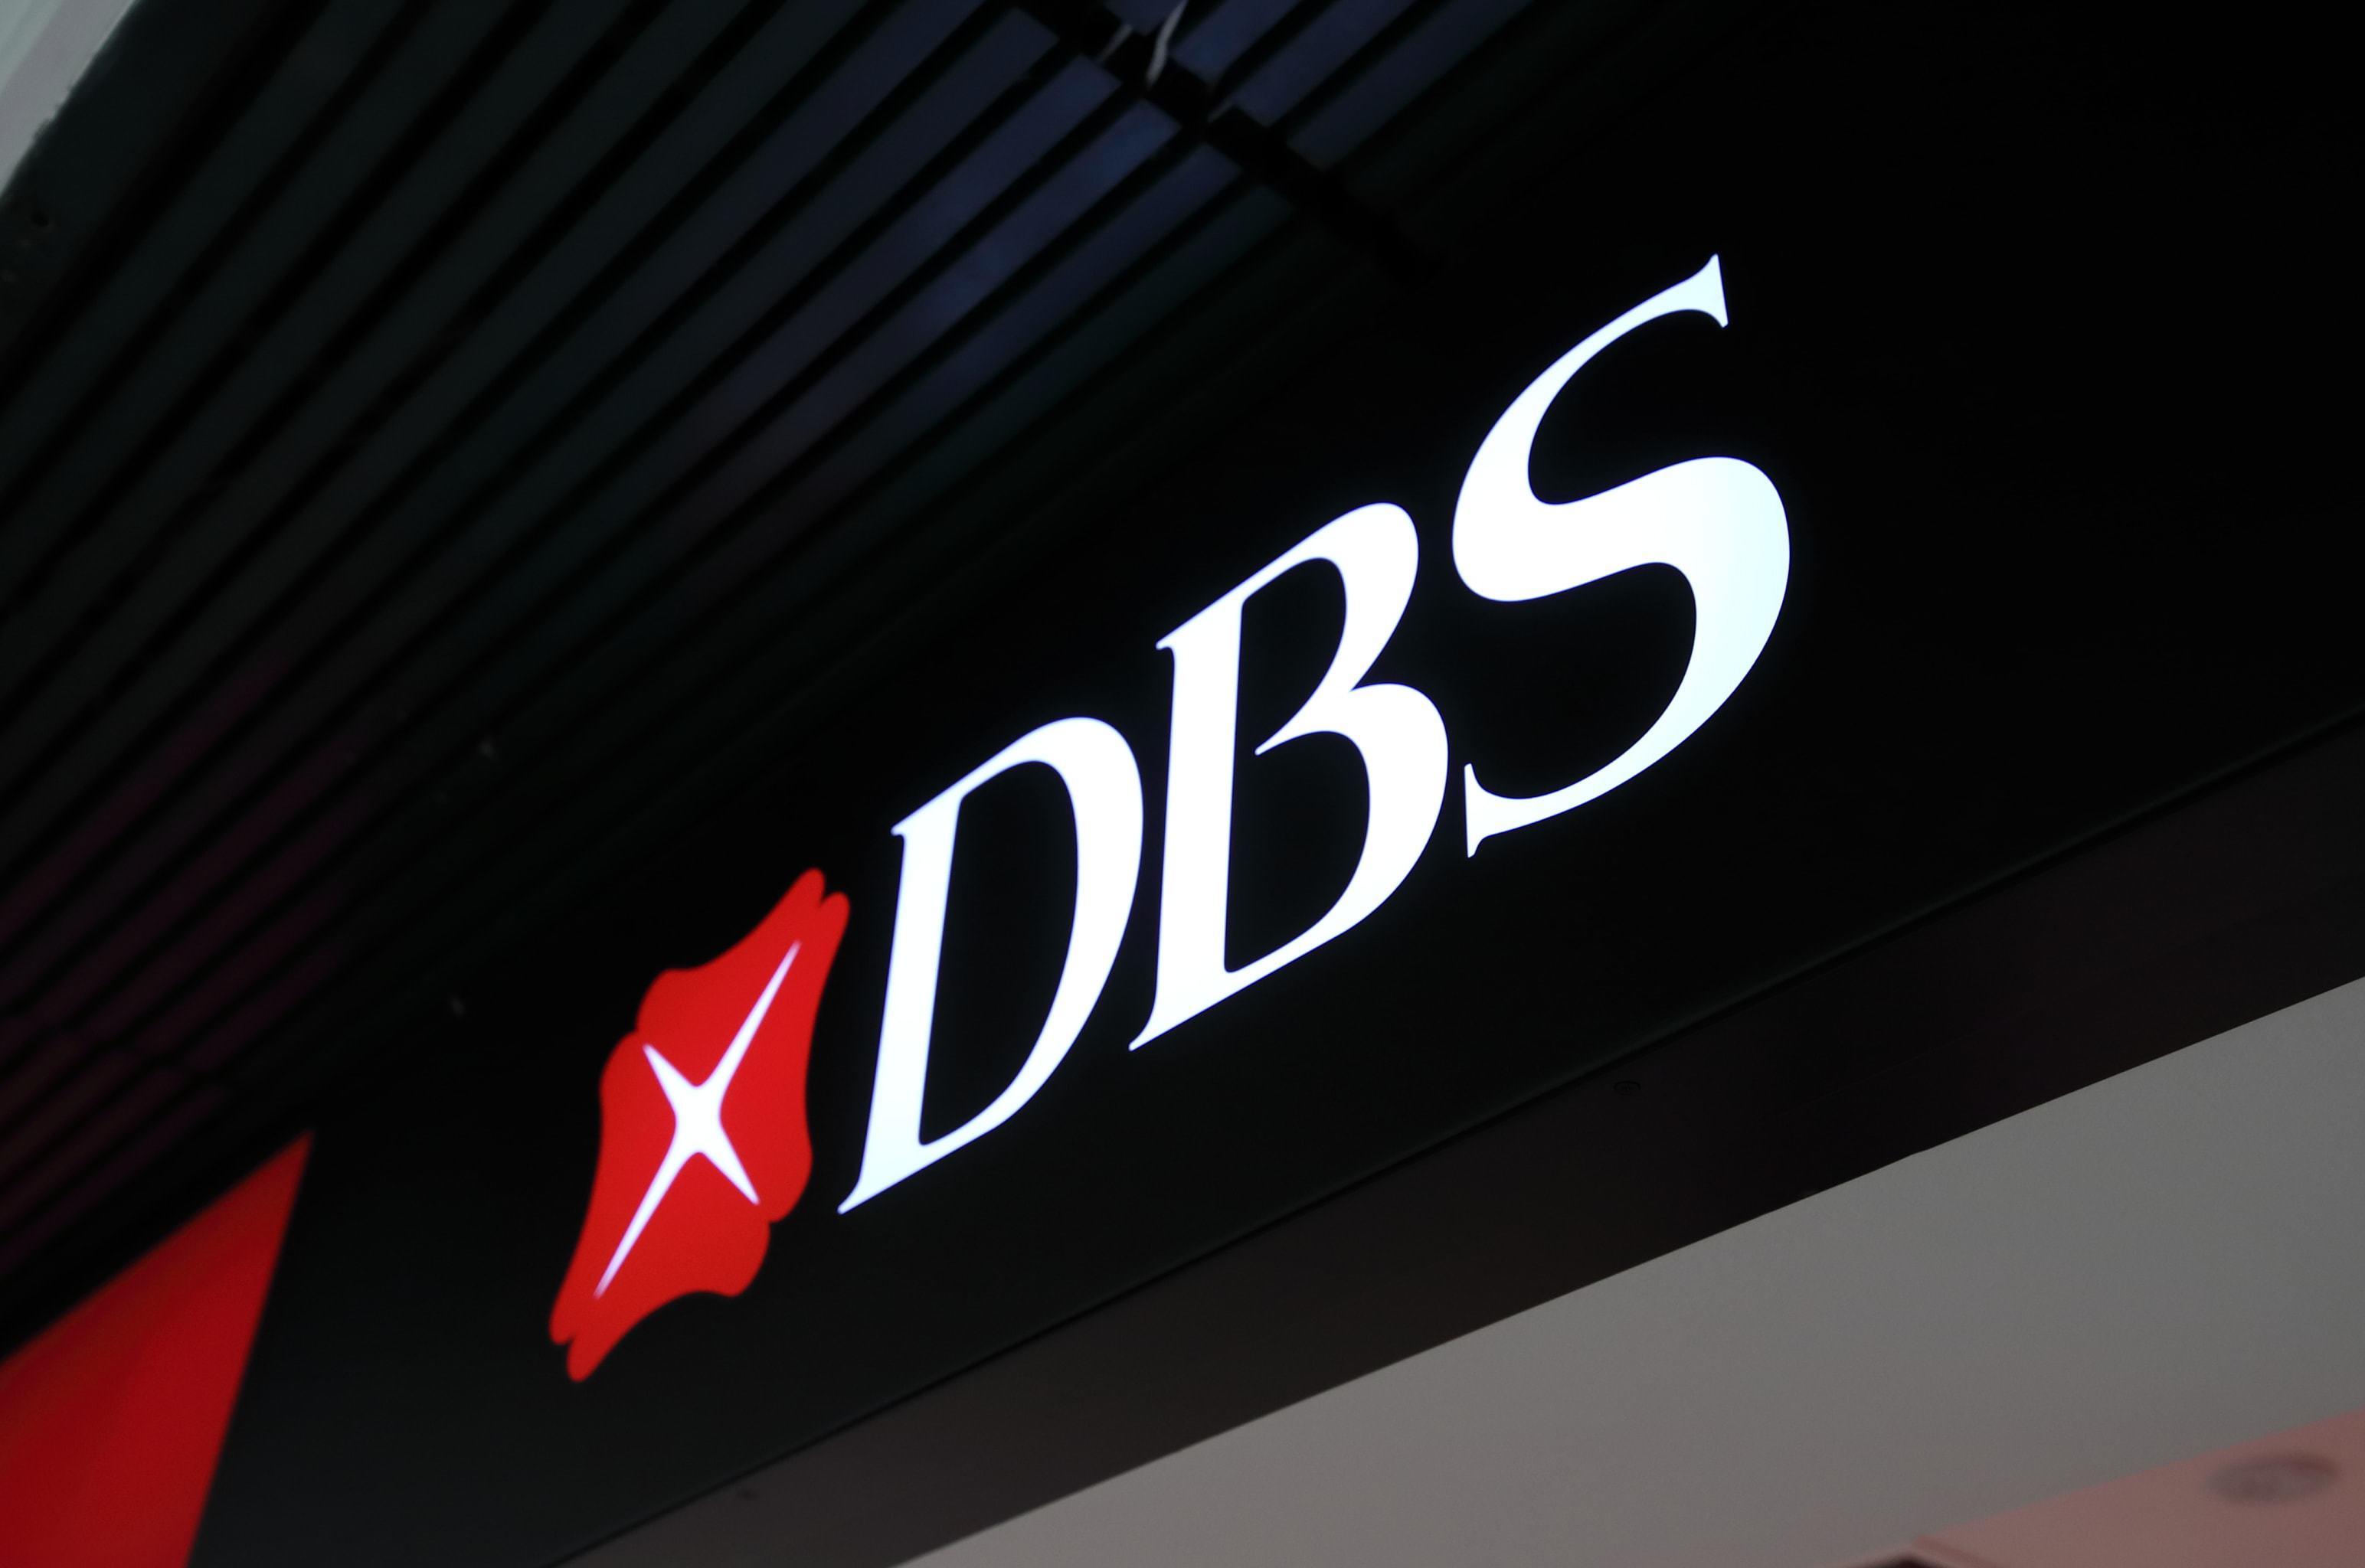 Singapurs größte Bank DBS startet Krypto-Service mit Bitcoin